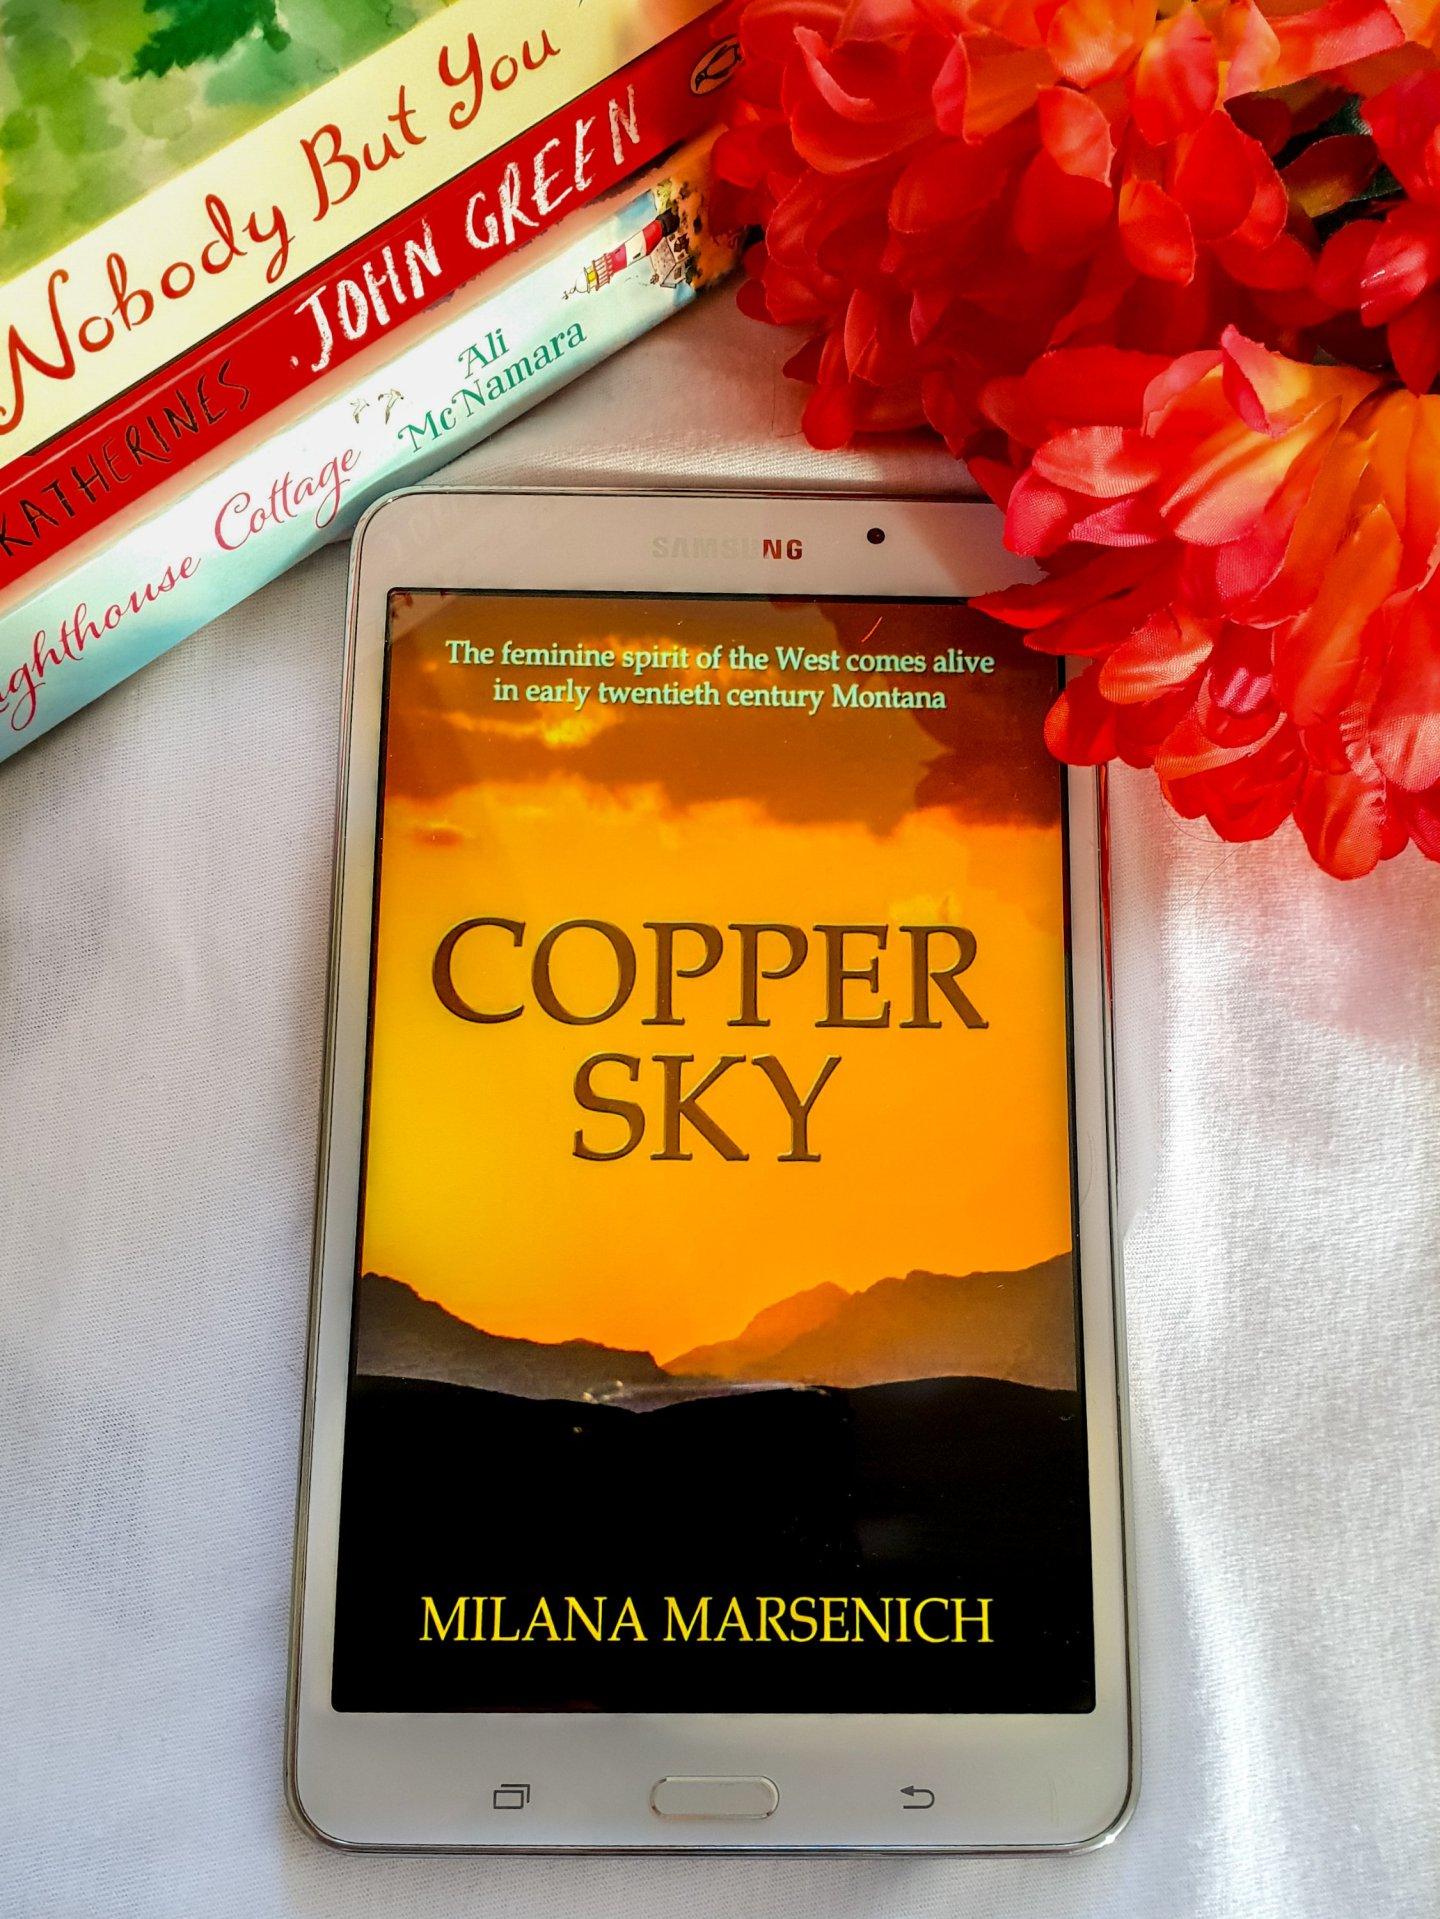 The copper sky